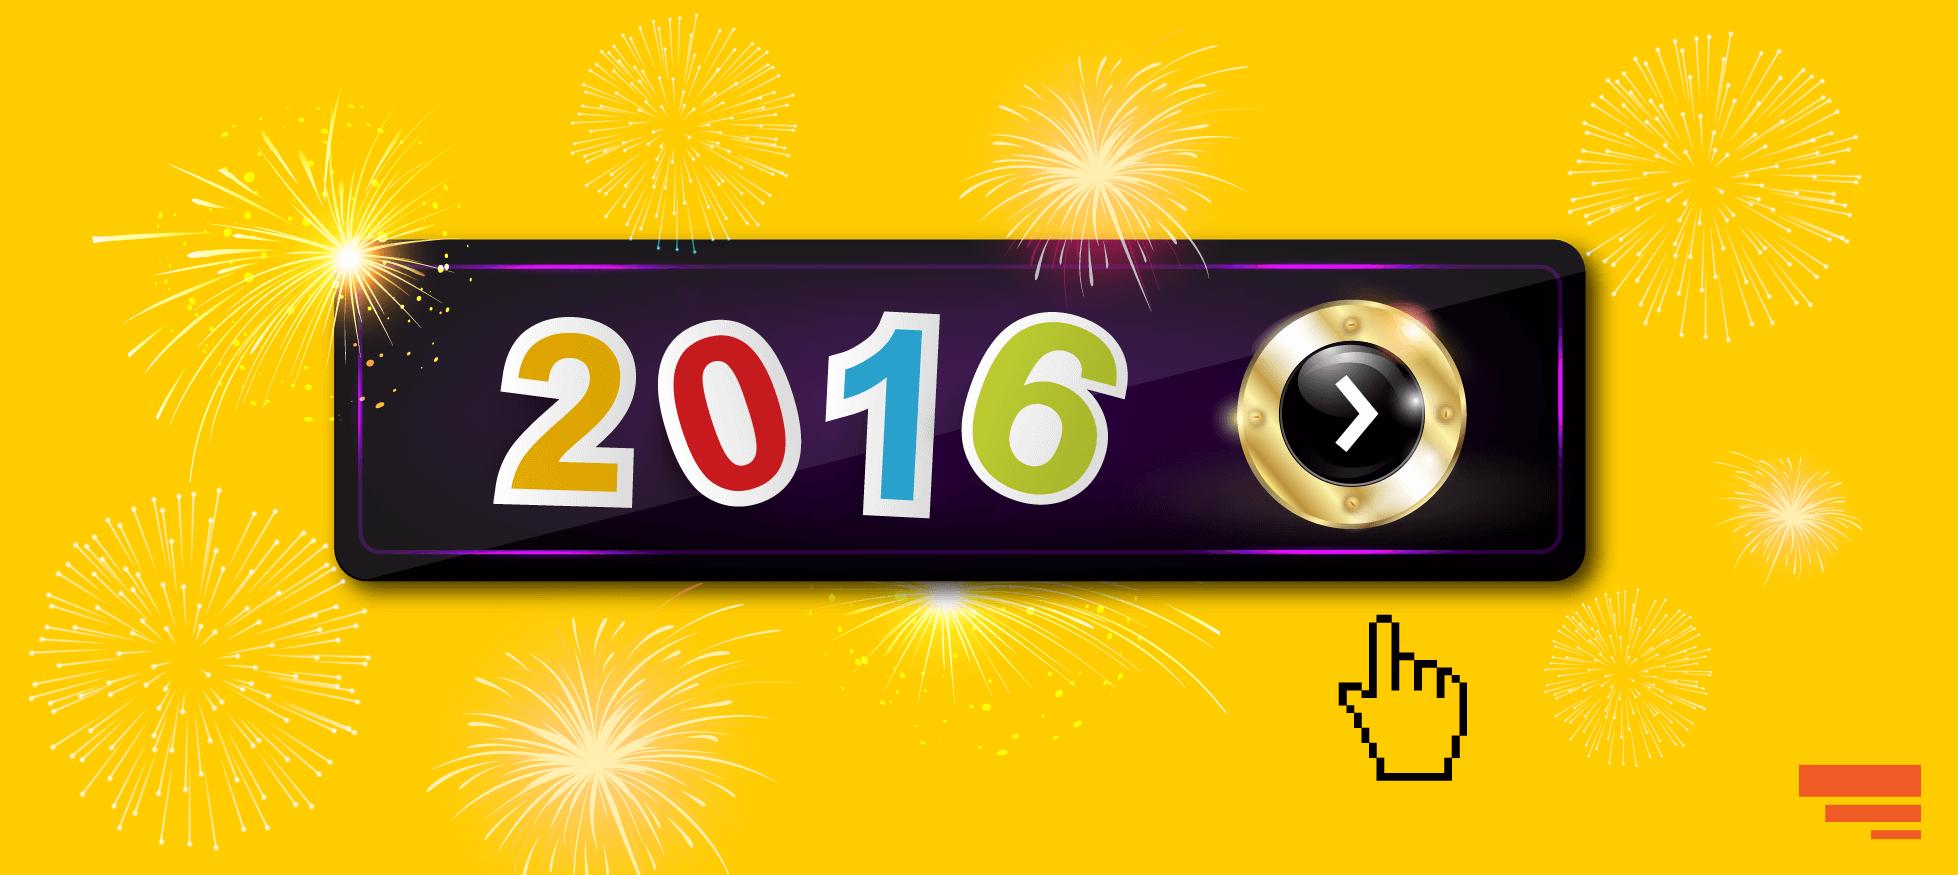 inbound marketing calling 2016